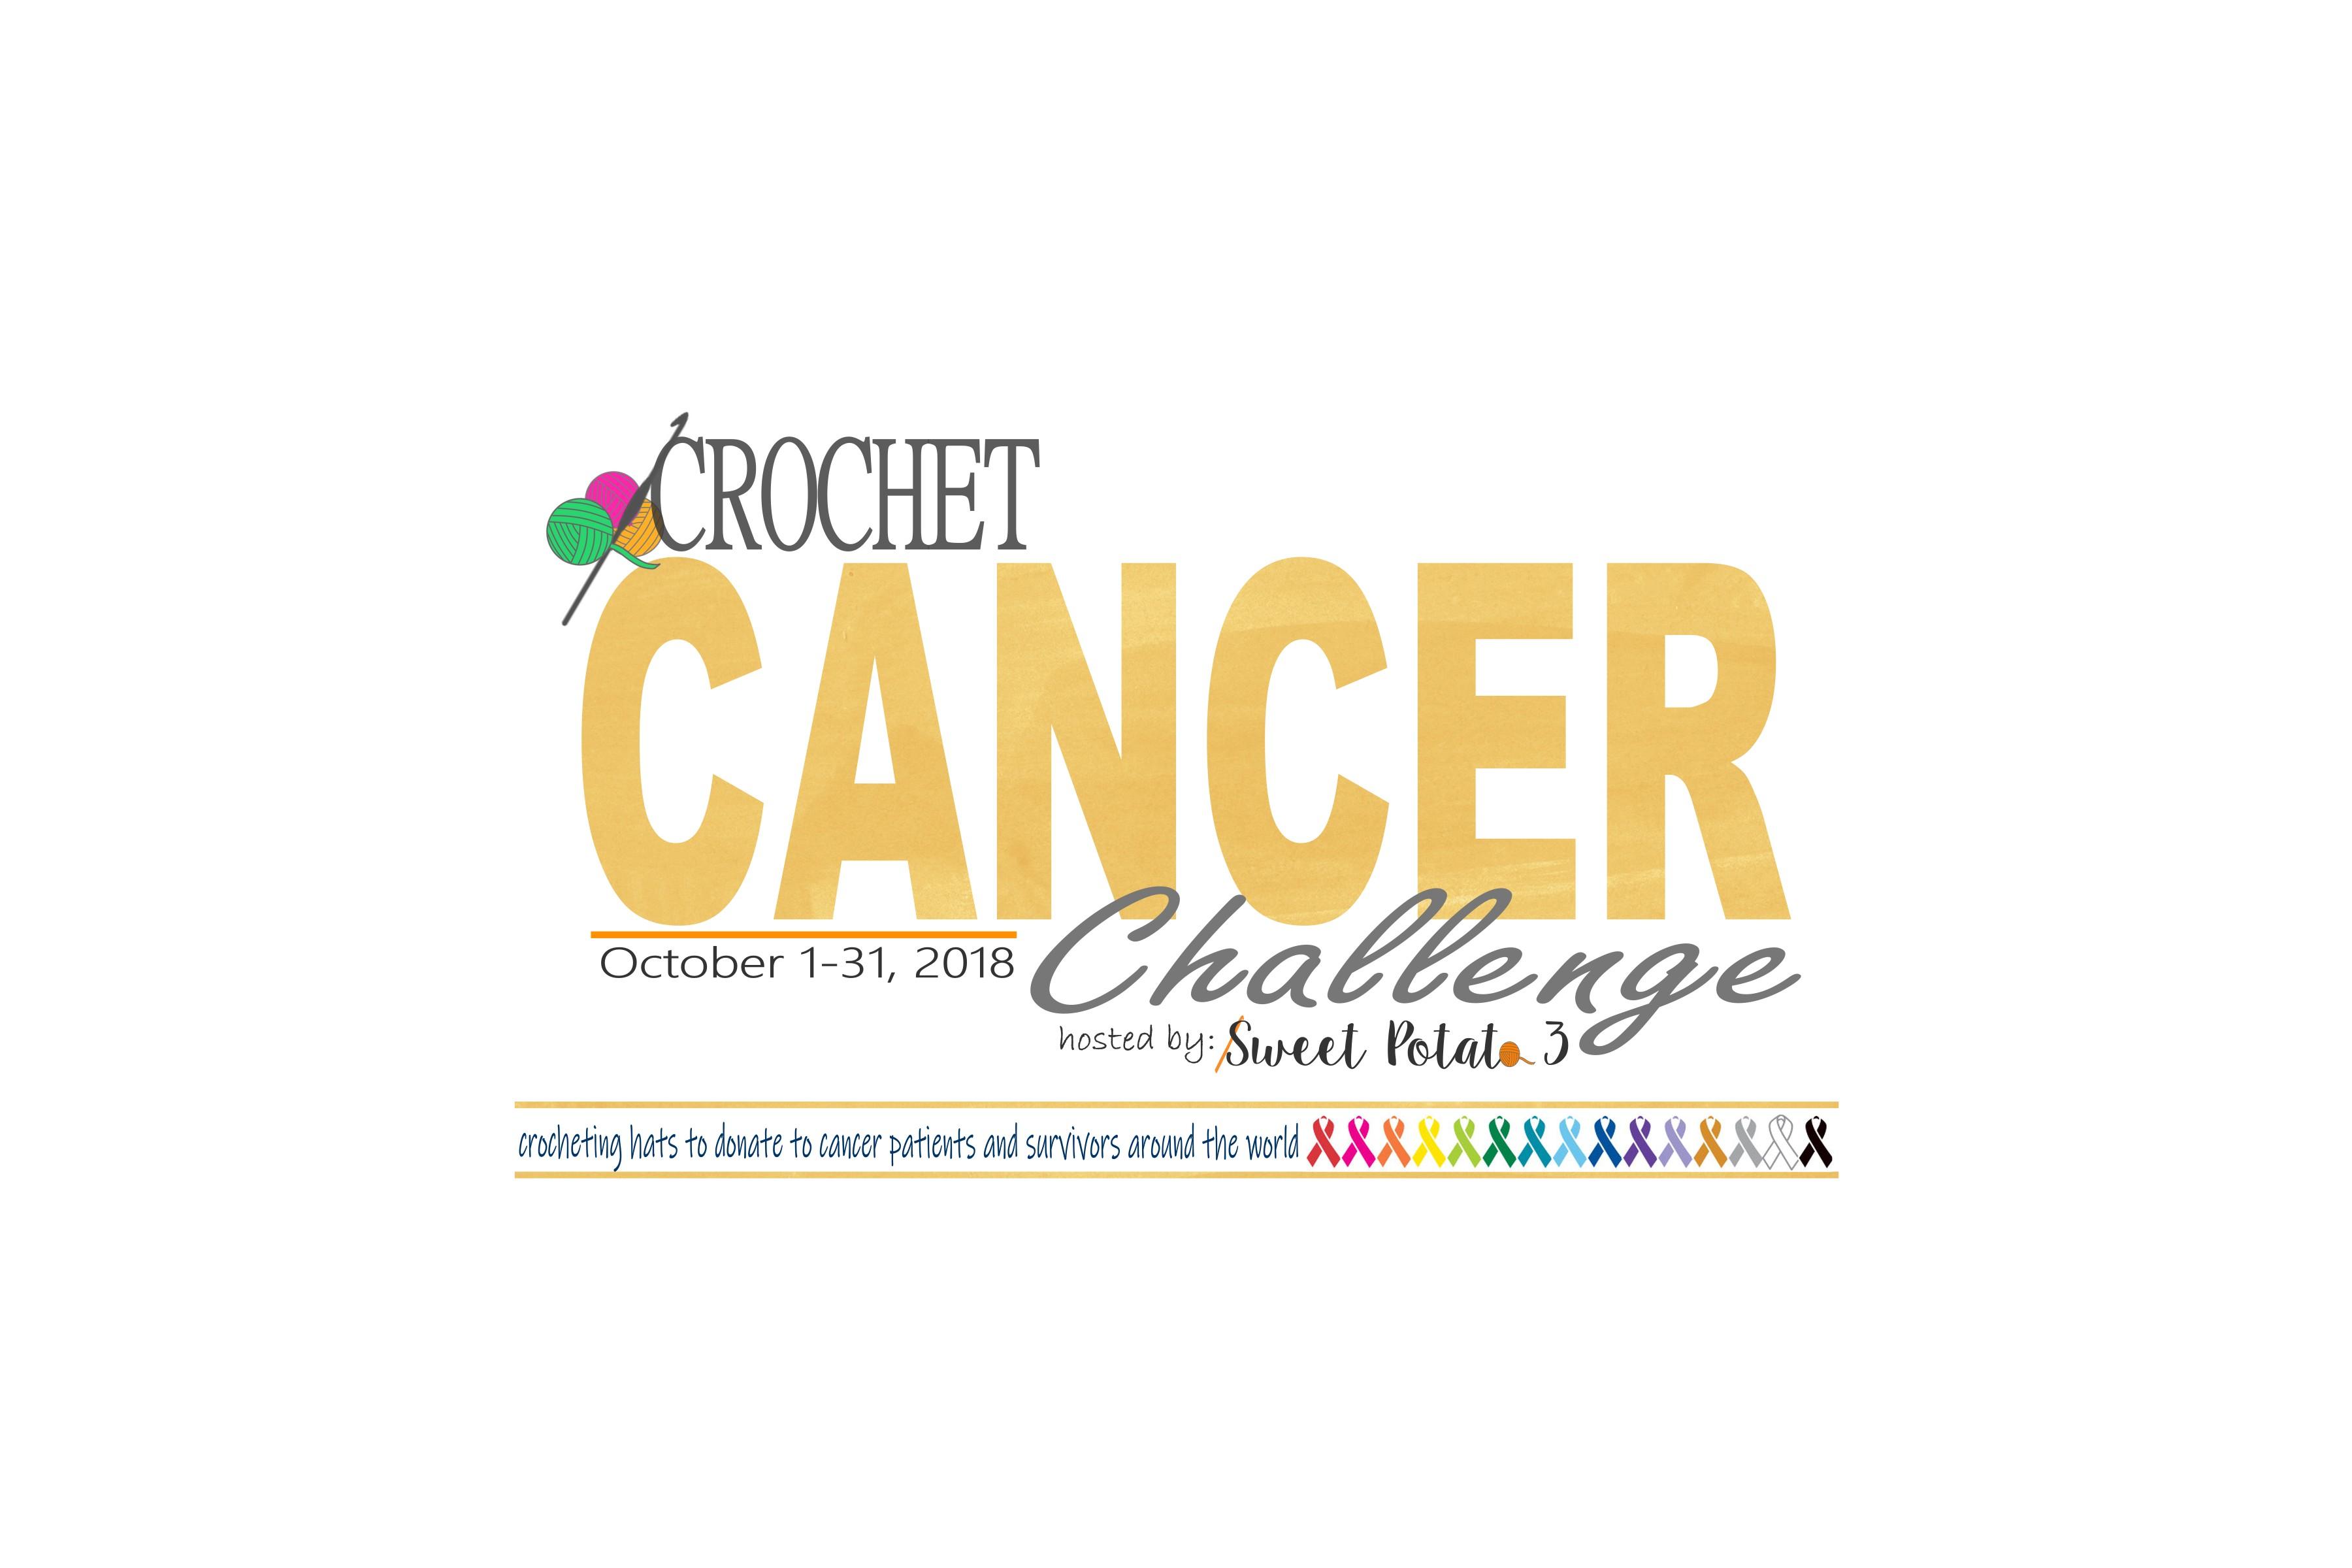 Crochet Cancer Challenge – FINAL CALL